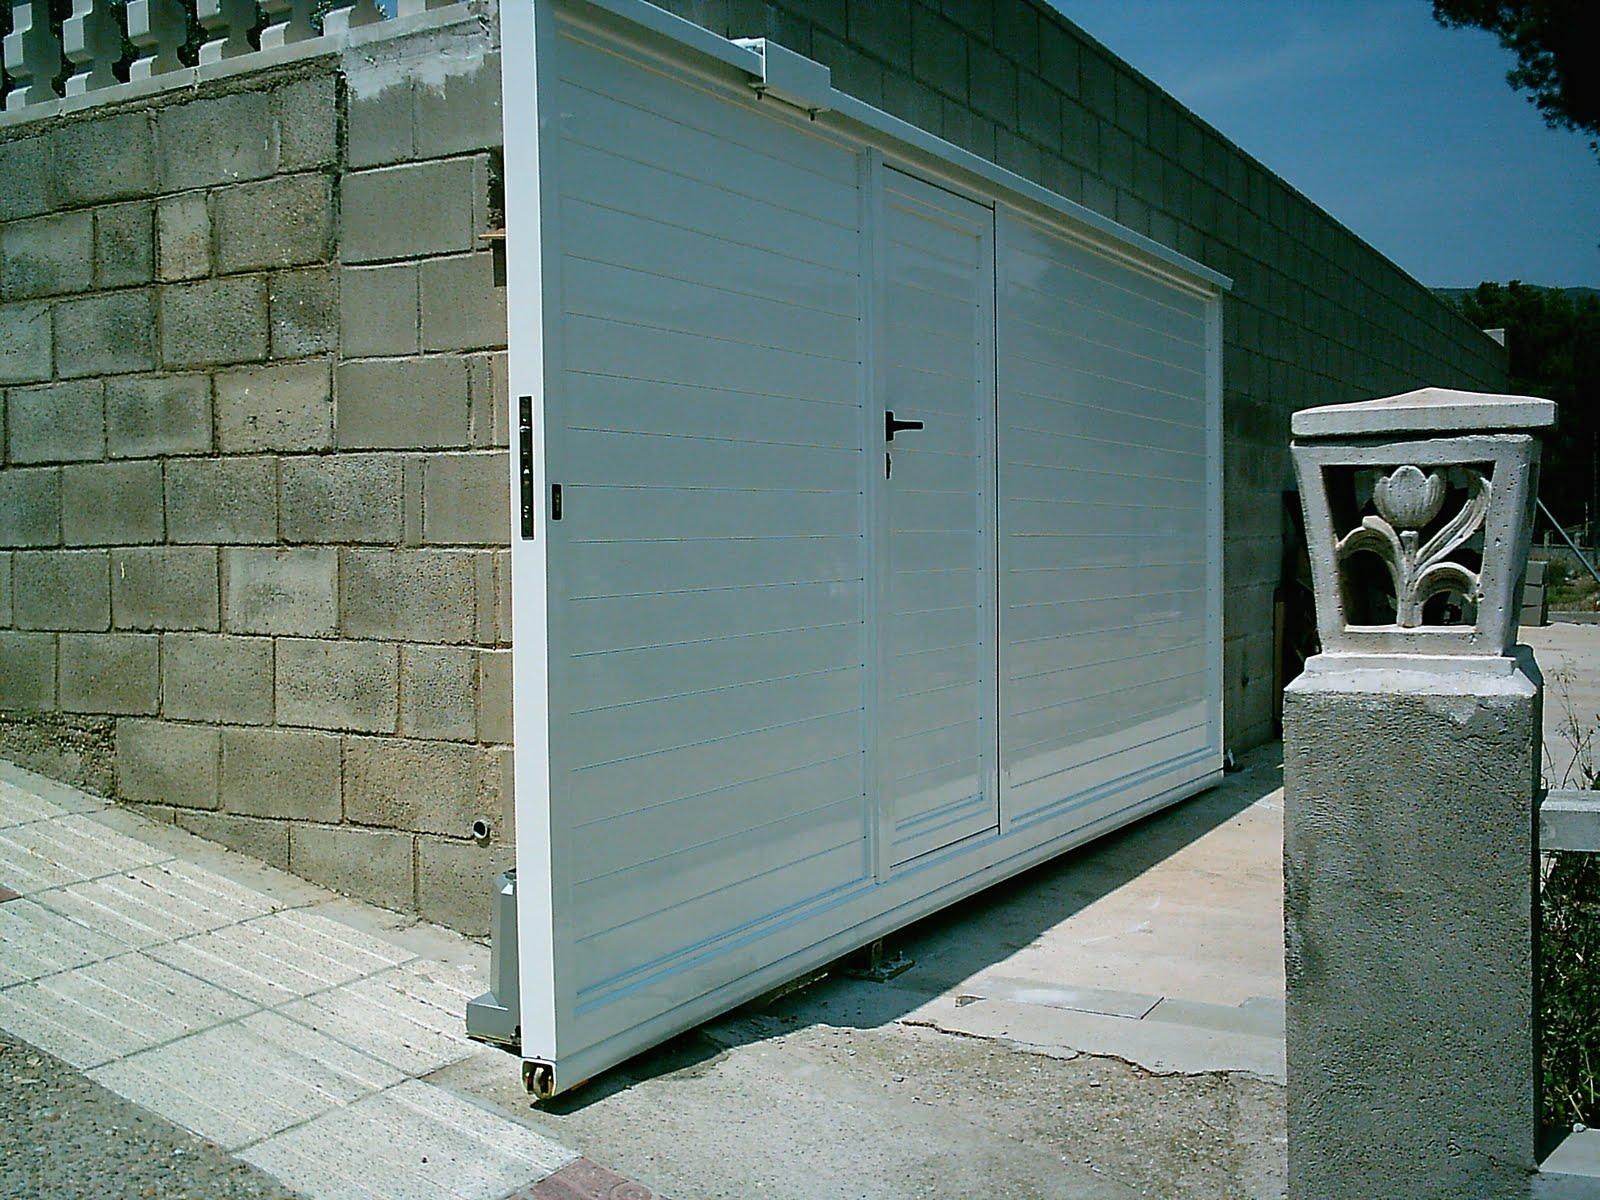 Puertas automatismos sistemas de seguridad y control for Automatismo puerta corredera